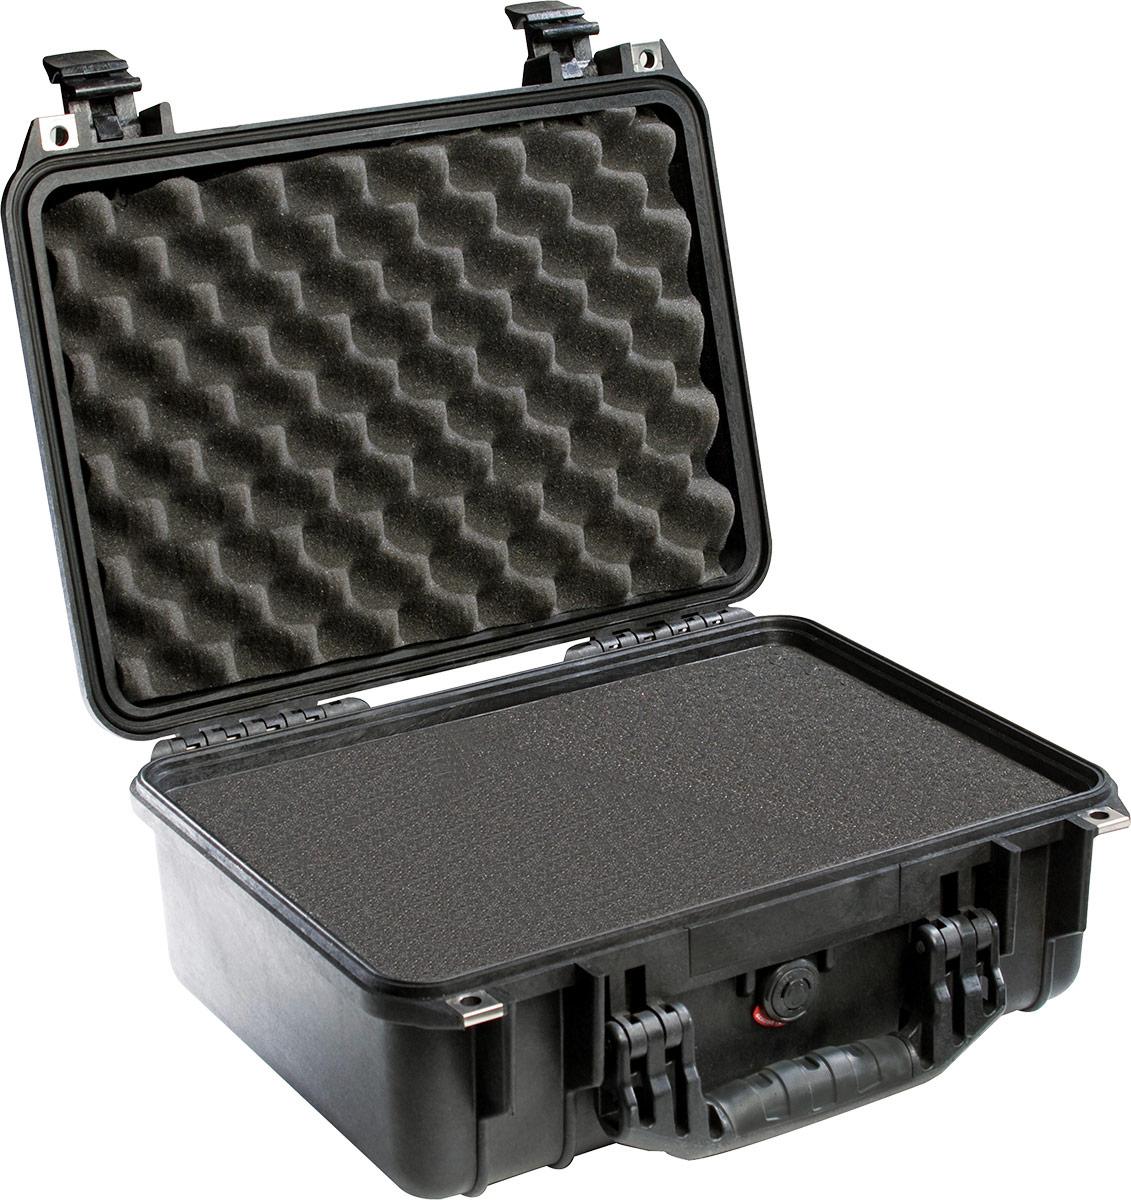 pelican 1450 protective gun weapon case